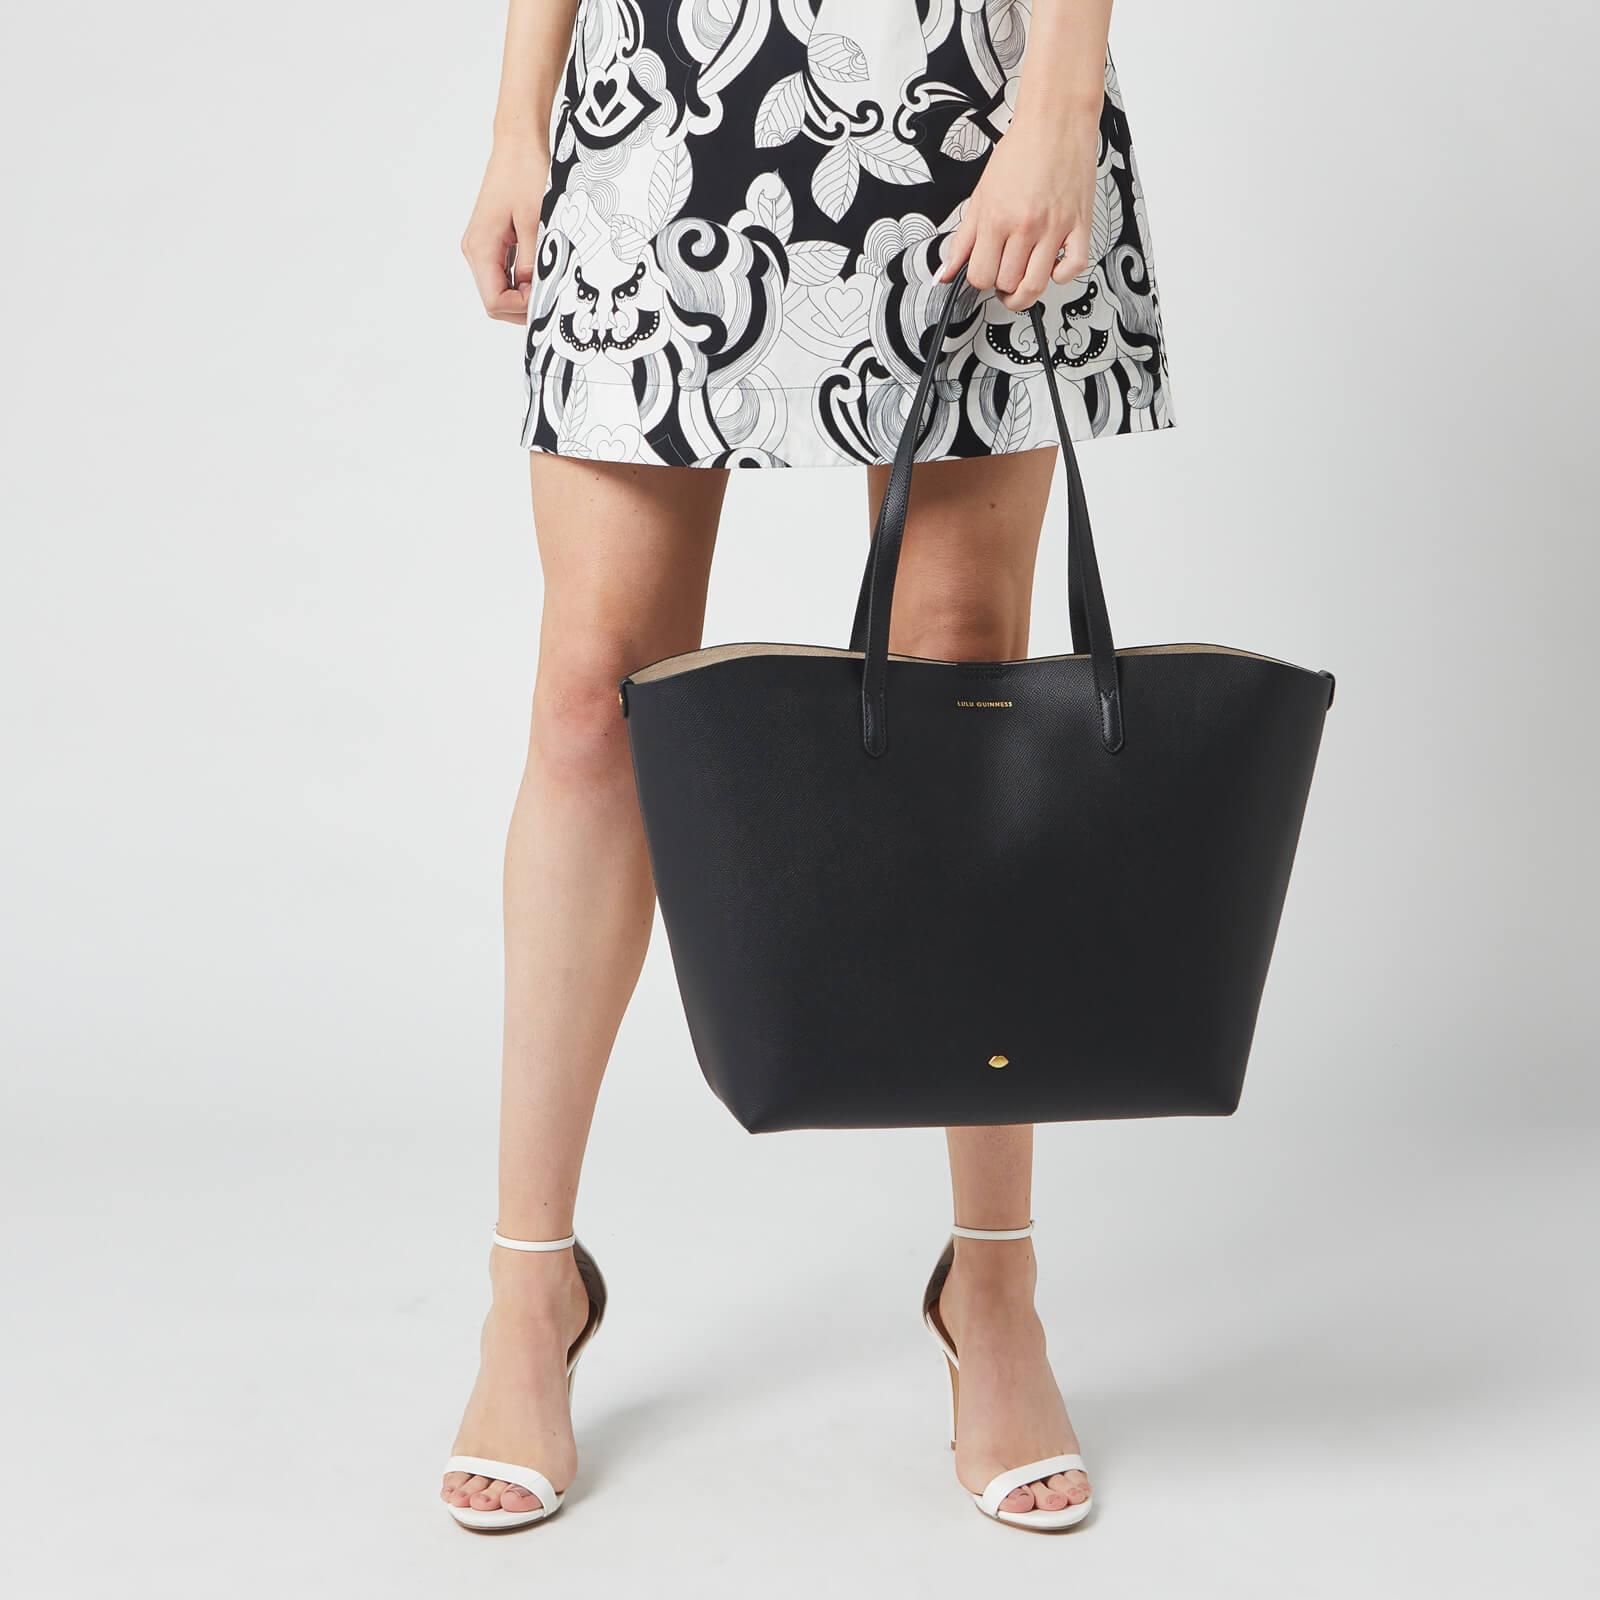 Lulu Guinness Women's Crossgrain Ivy Tote Bag - Black